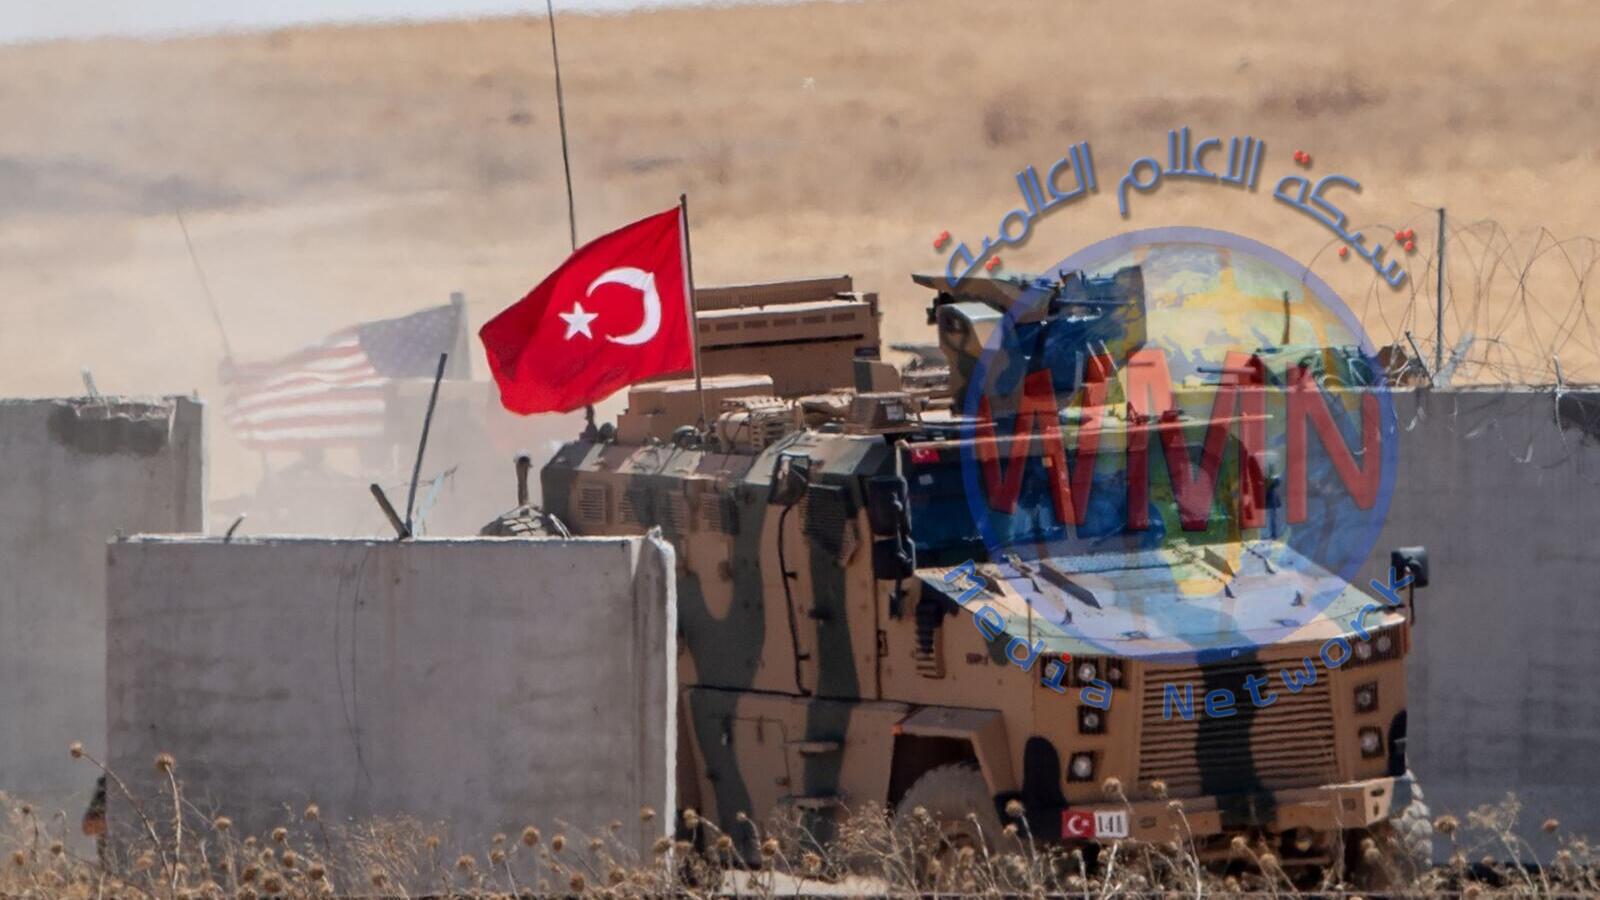 صادرات الأسلحة الألمانية لتركيا في أعلى مستوى لها منذ 14 عاما